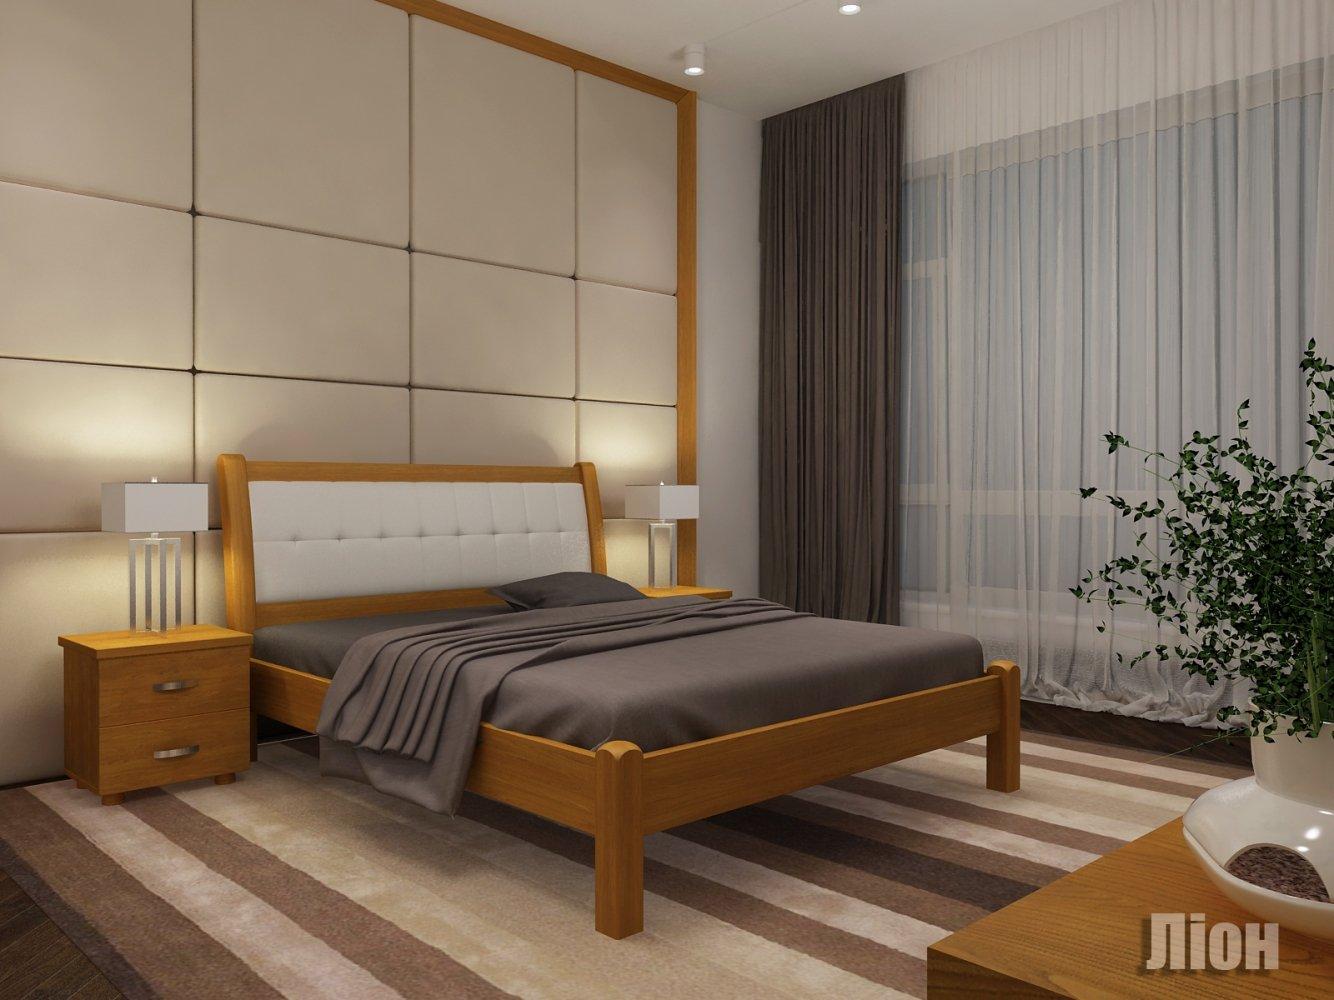 Кровать Лион + Подъемник 10